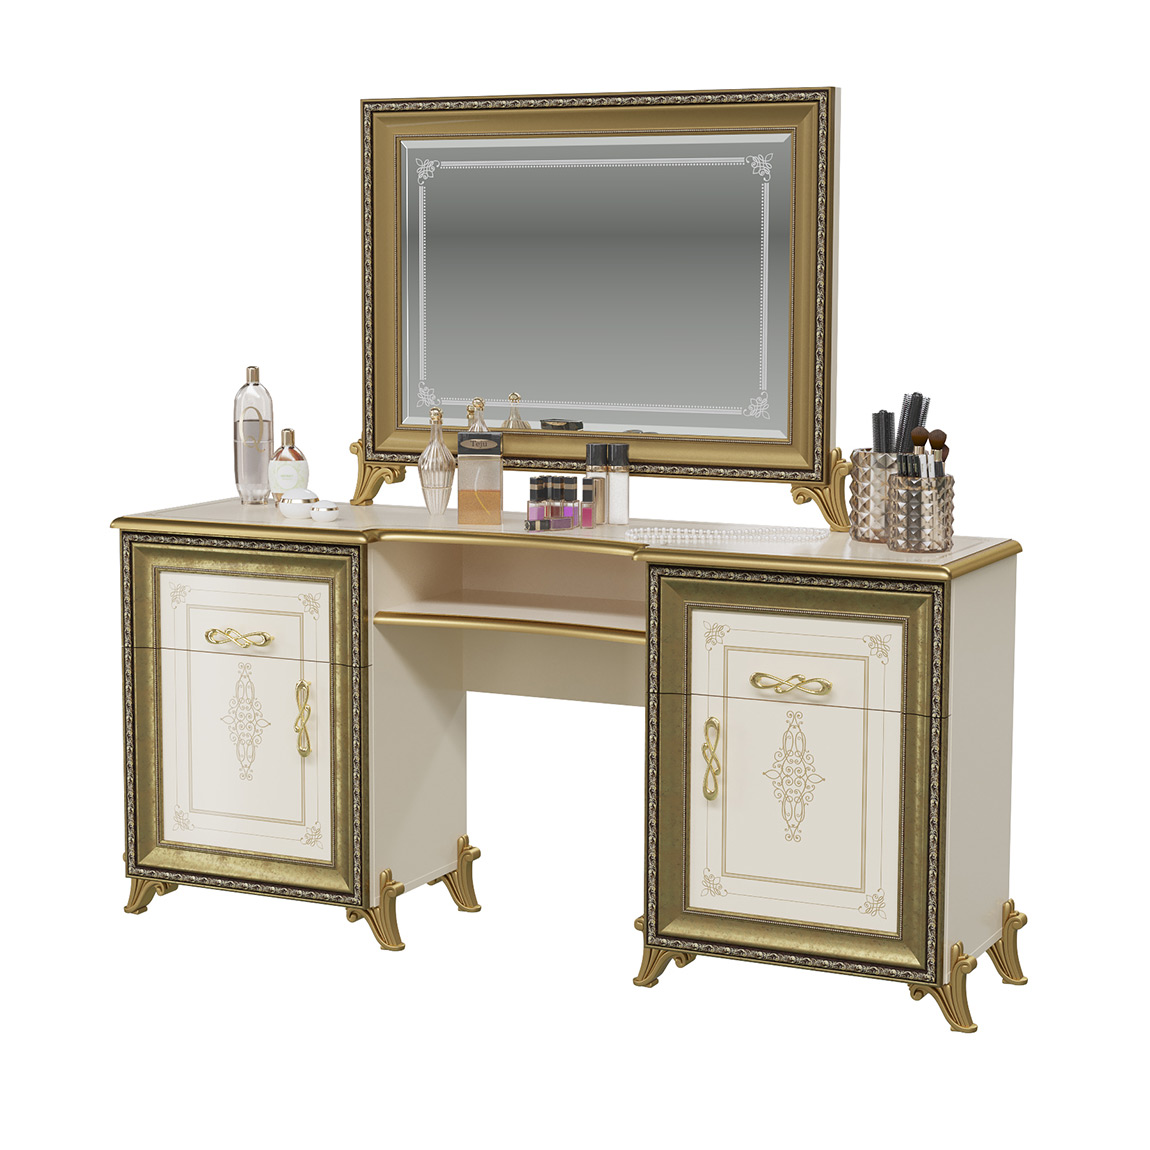 Стол туалетный с зеркалом Мэри-Мебель Версаль СВ-07+СВ-08 слоновая кость, 167х43х163 см.